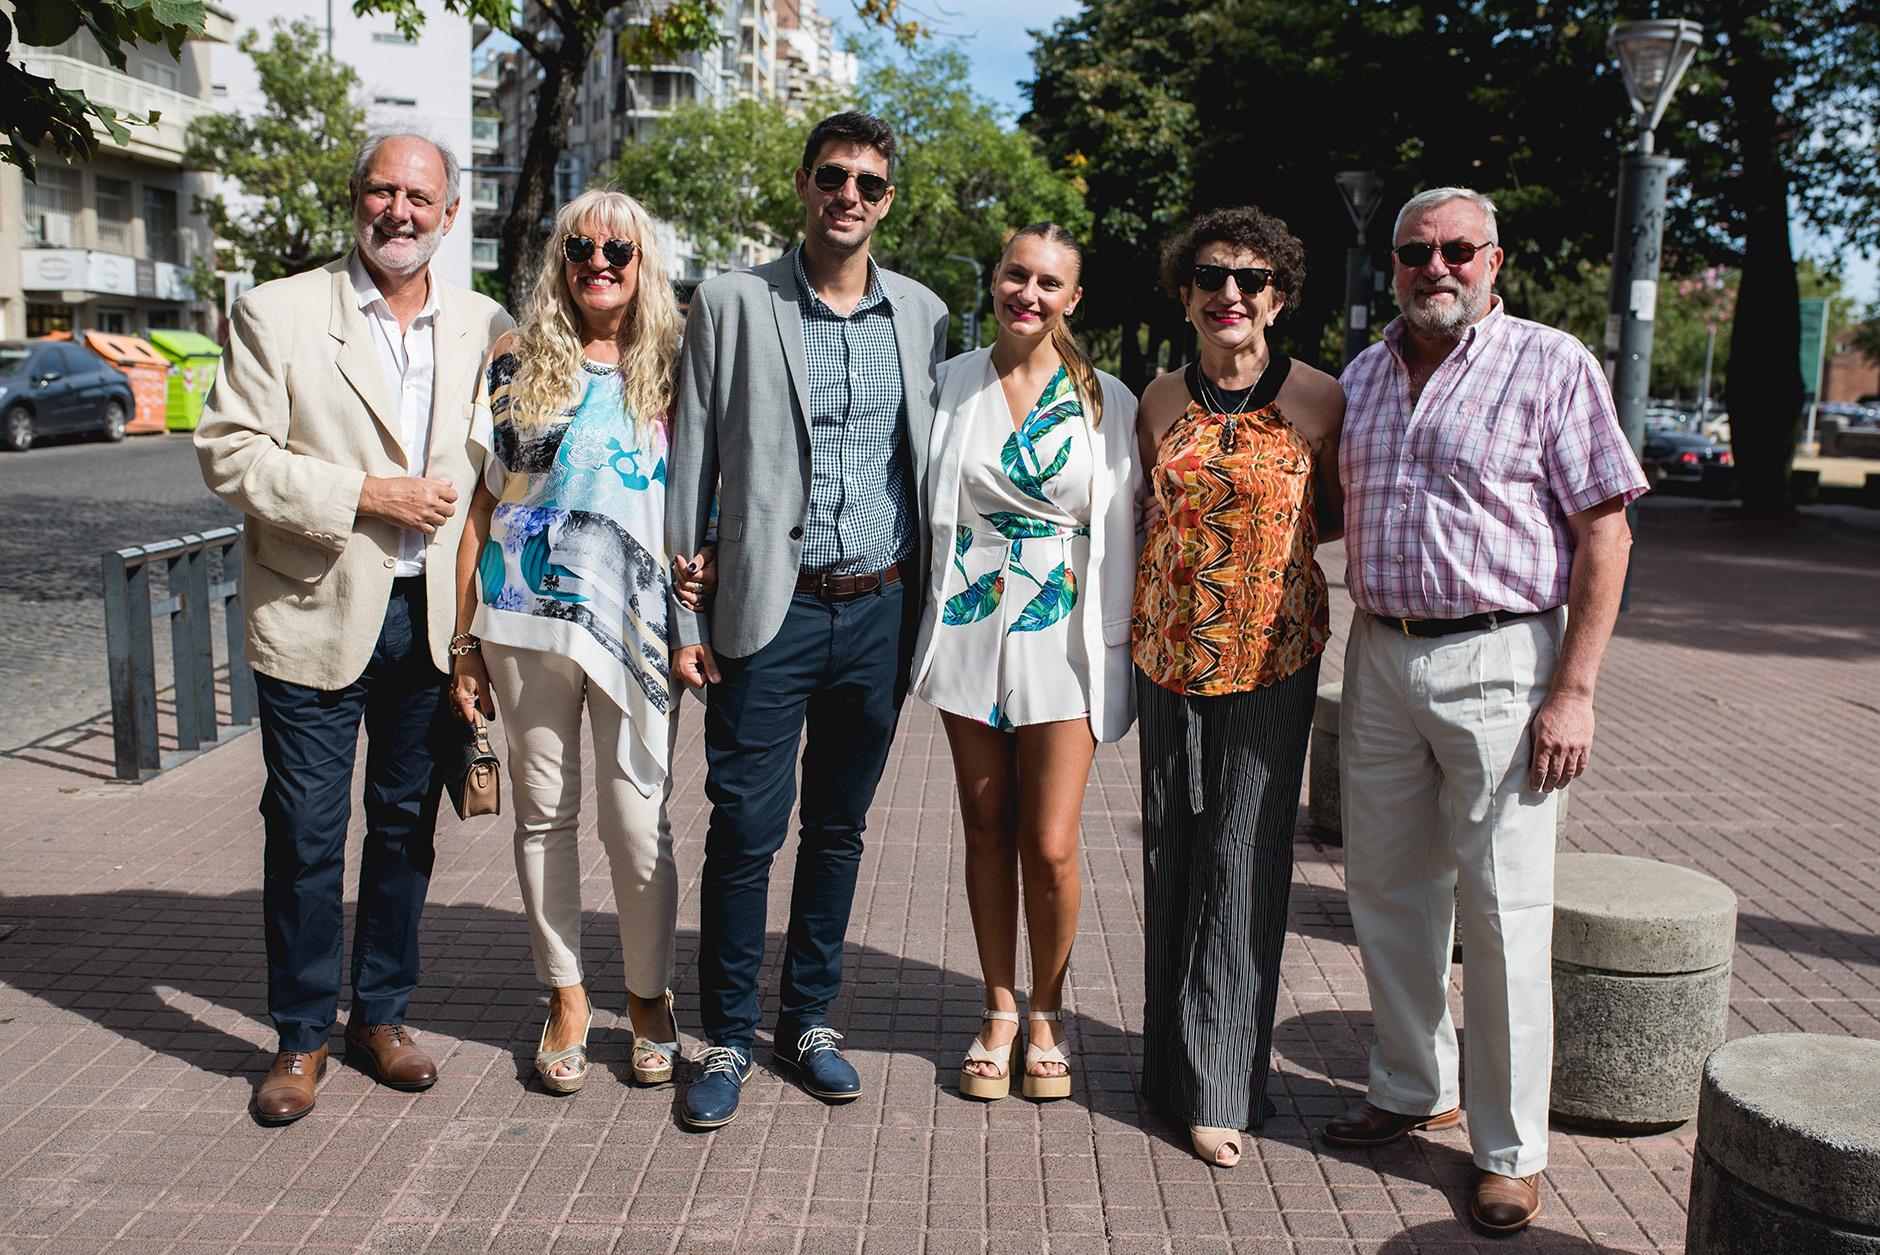 Fotos del civil de Luisi y Maxi en Rosario realizadas por Bucle Fotografías Flor Bosio y Caro Clerici